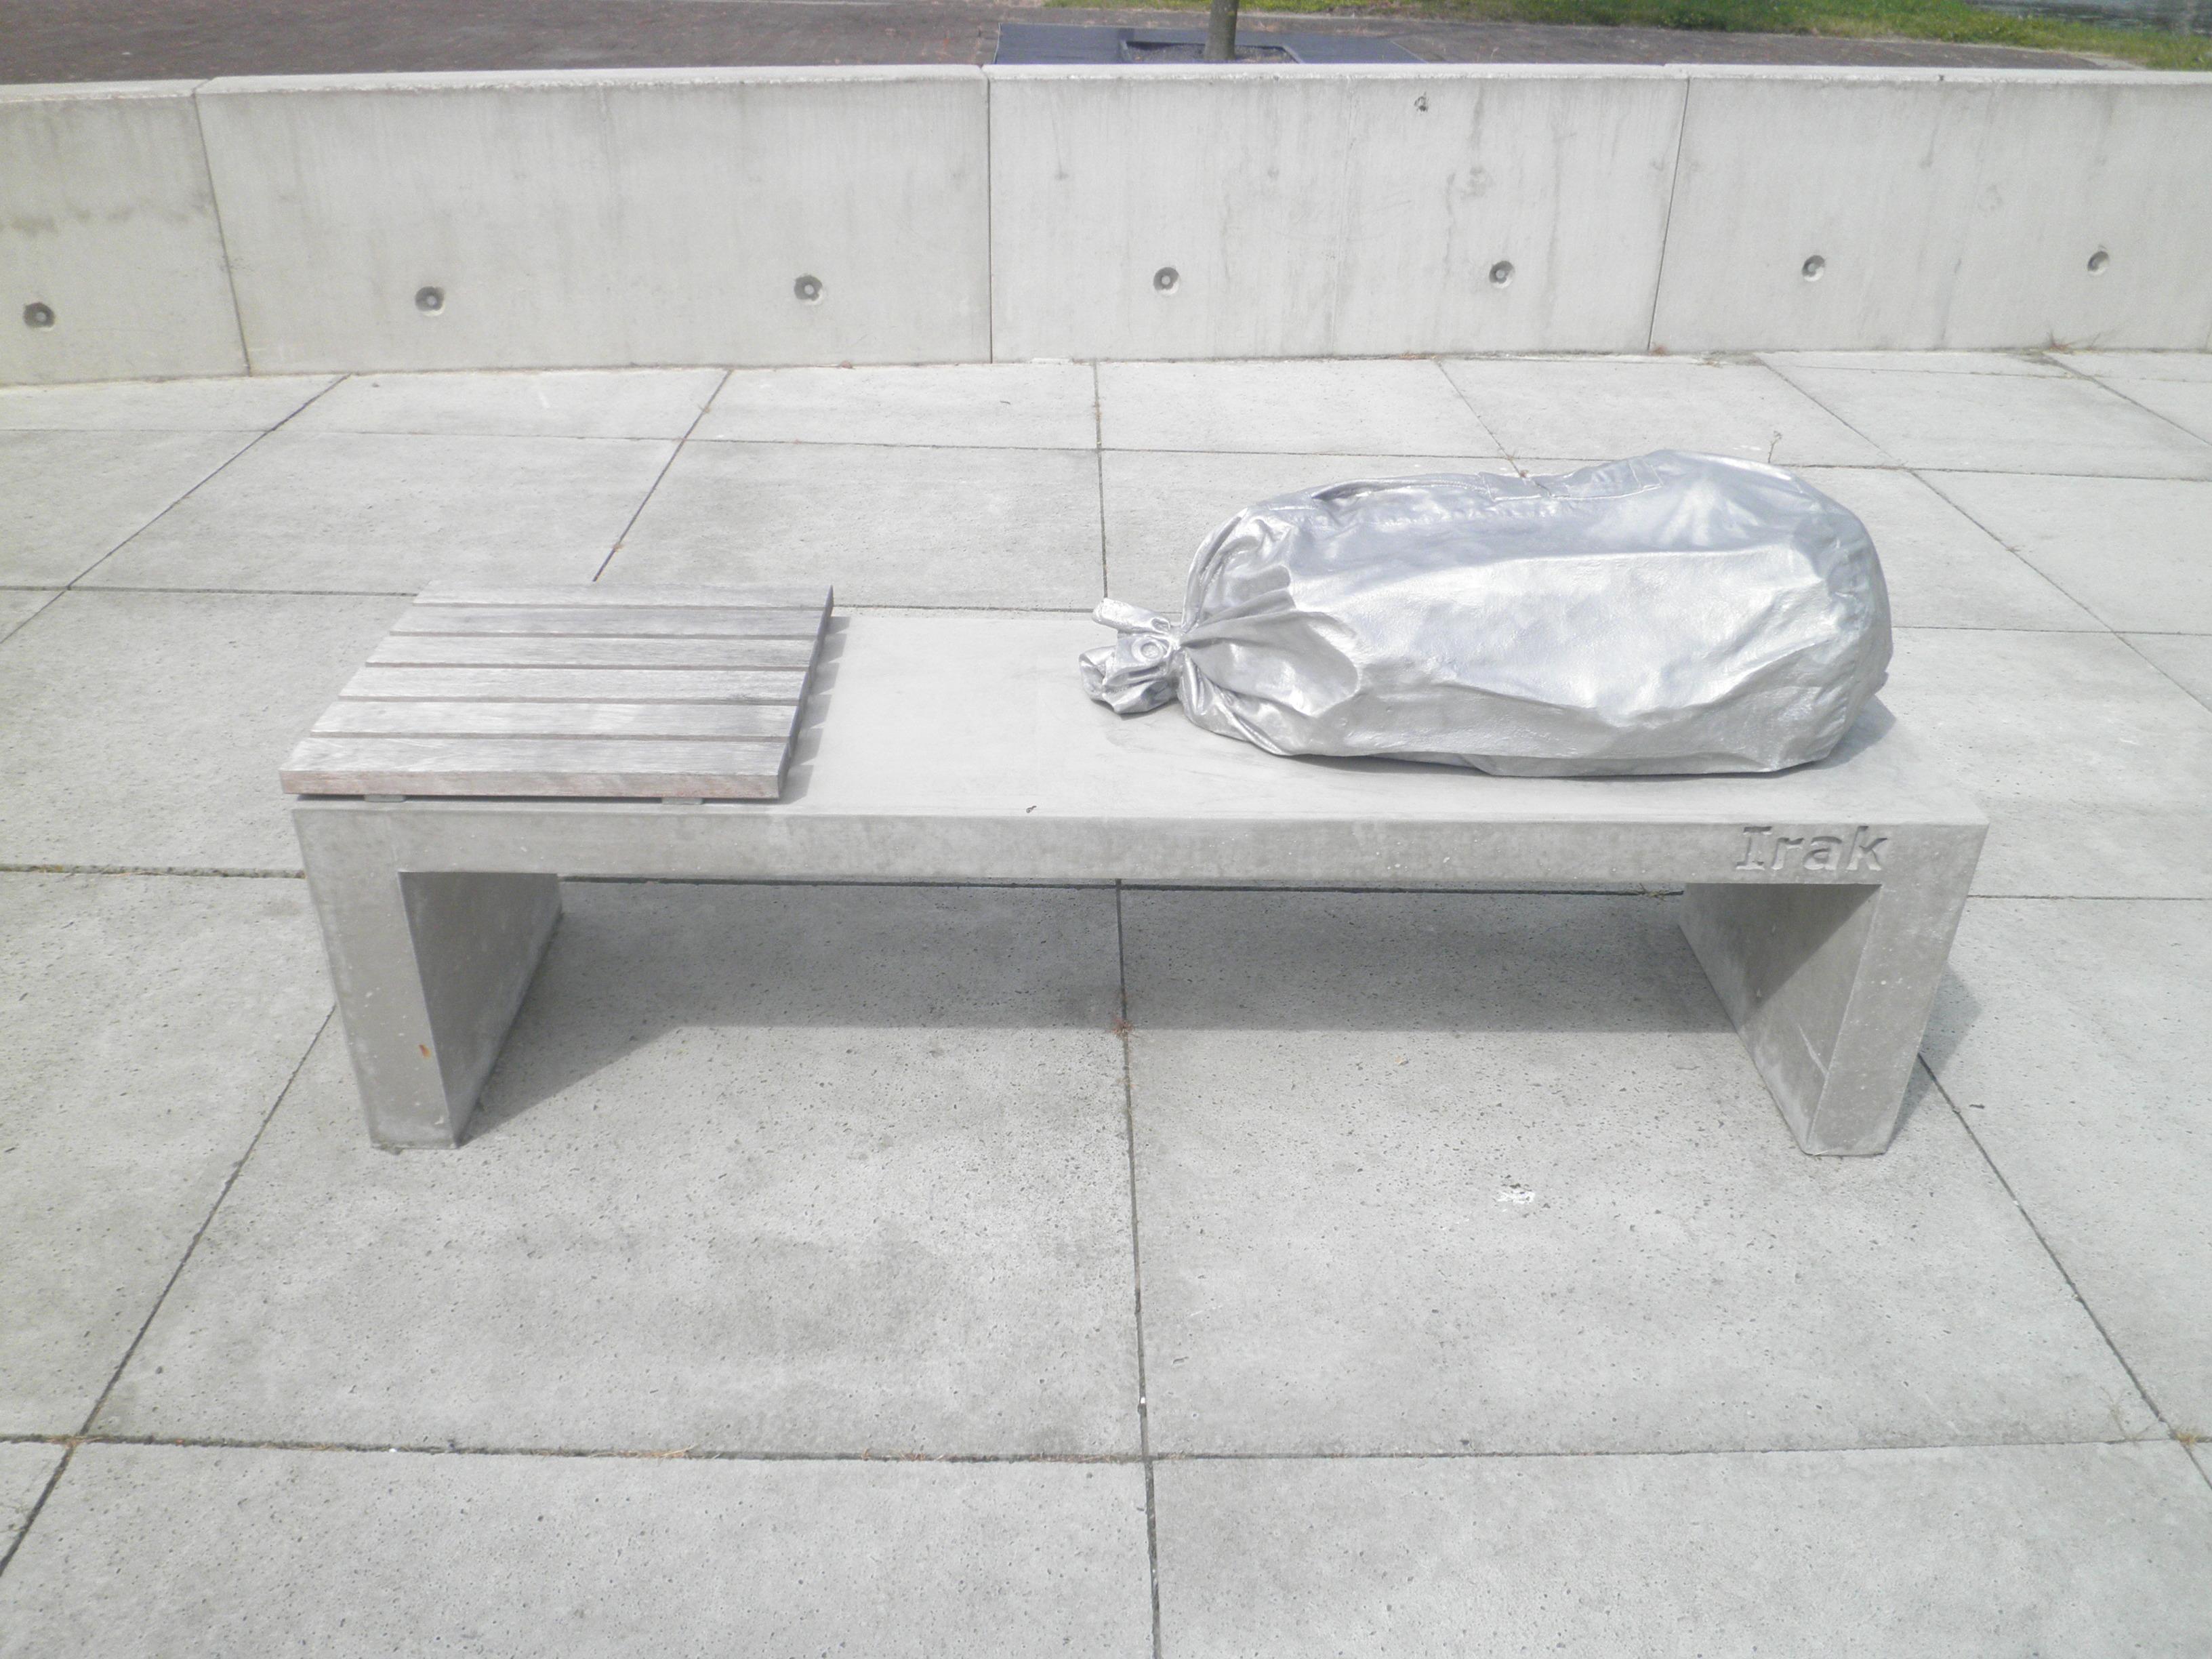 File bagage voor het leven irak jpg wikimedia commons - Vloer voor het leven ...